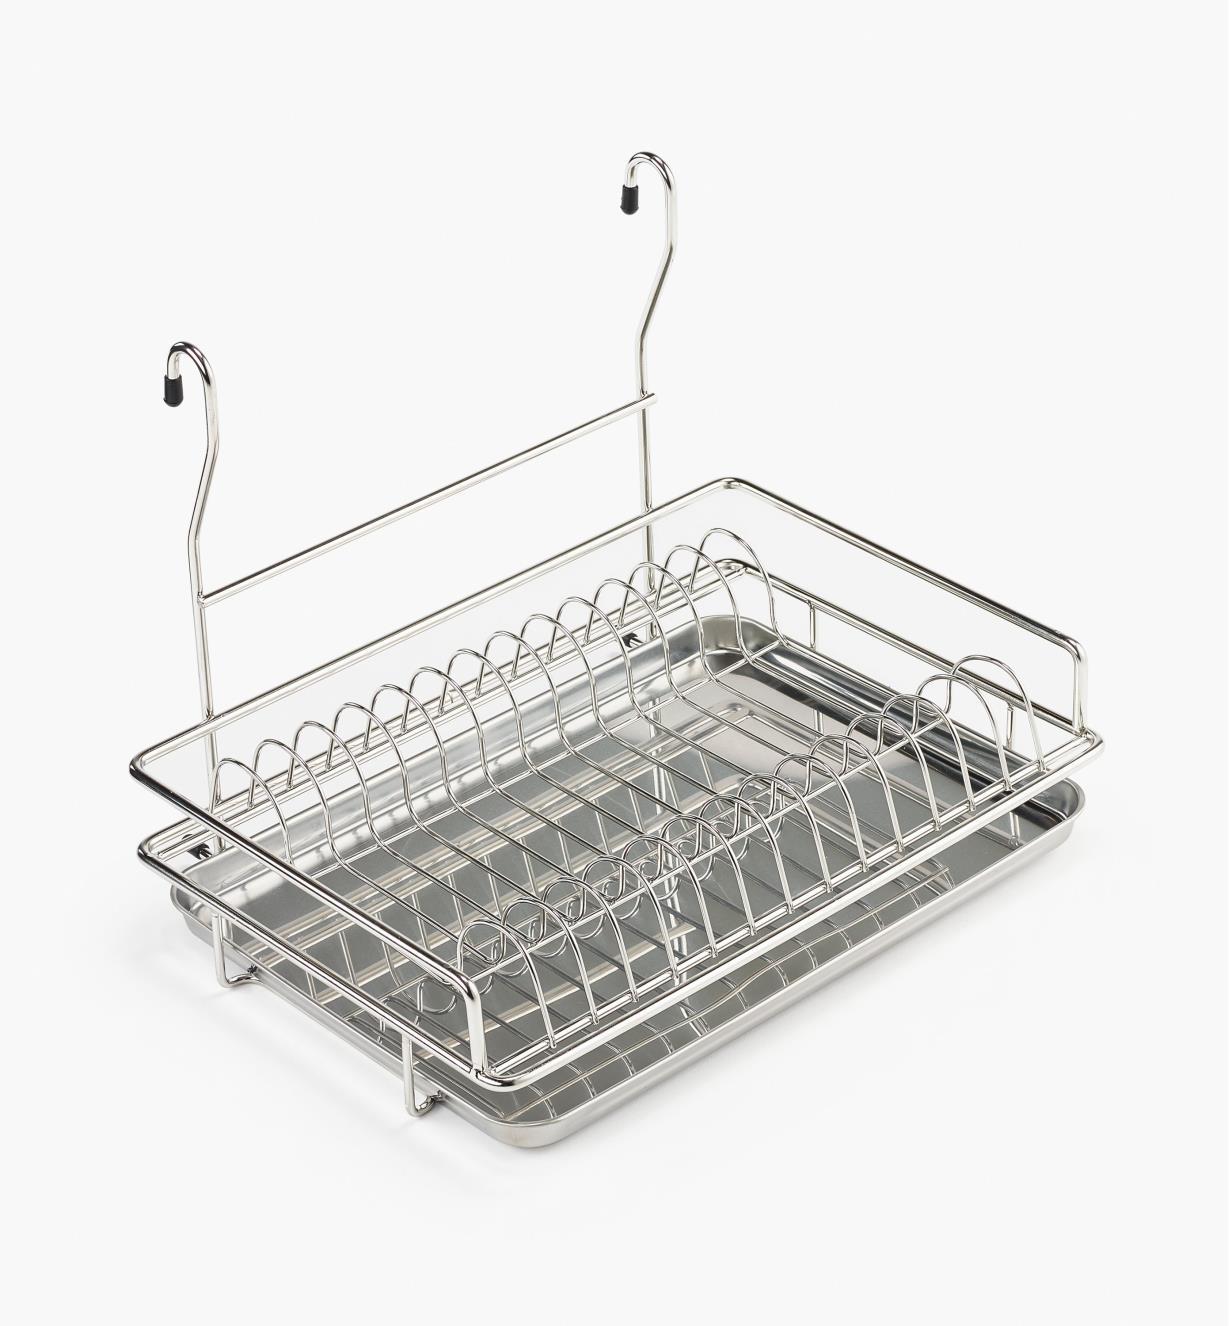 12K3442 - Petit égouttoir à vaisselle